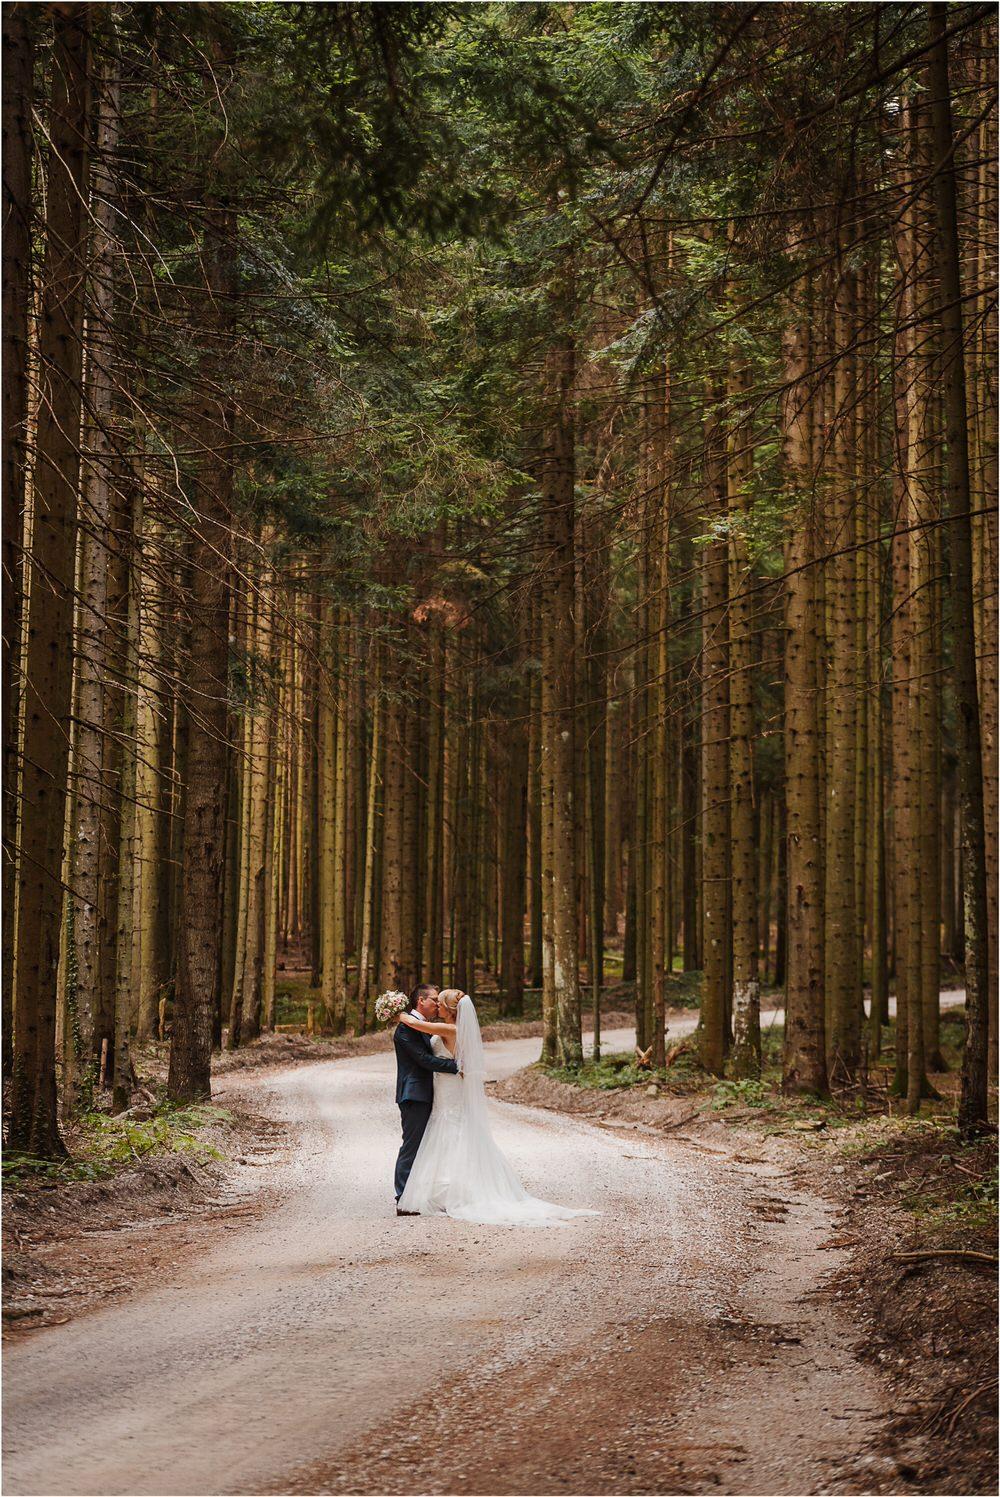 tuscany italy wedding photographer croatia austria france ireland lake bled engagement wedding porocni fotograf 0036.jpg